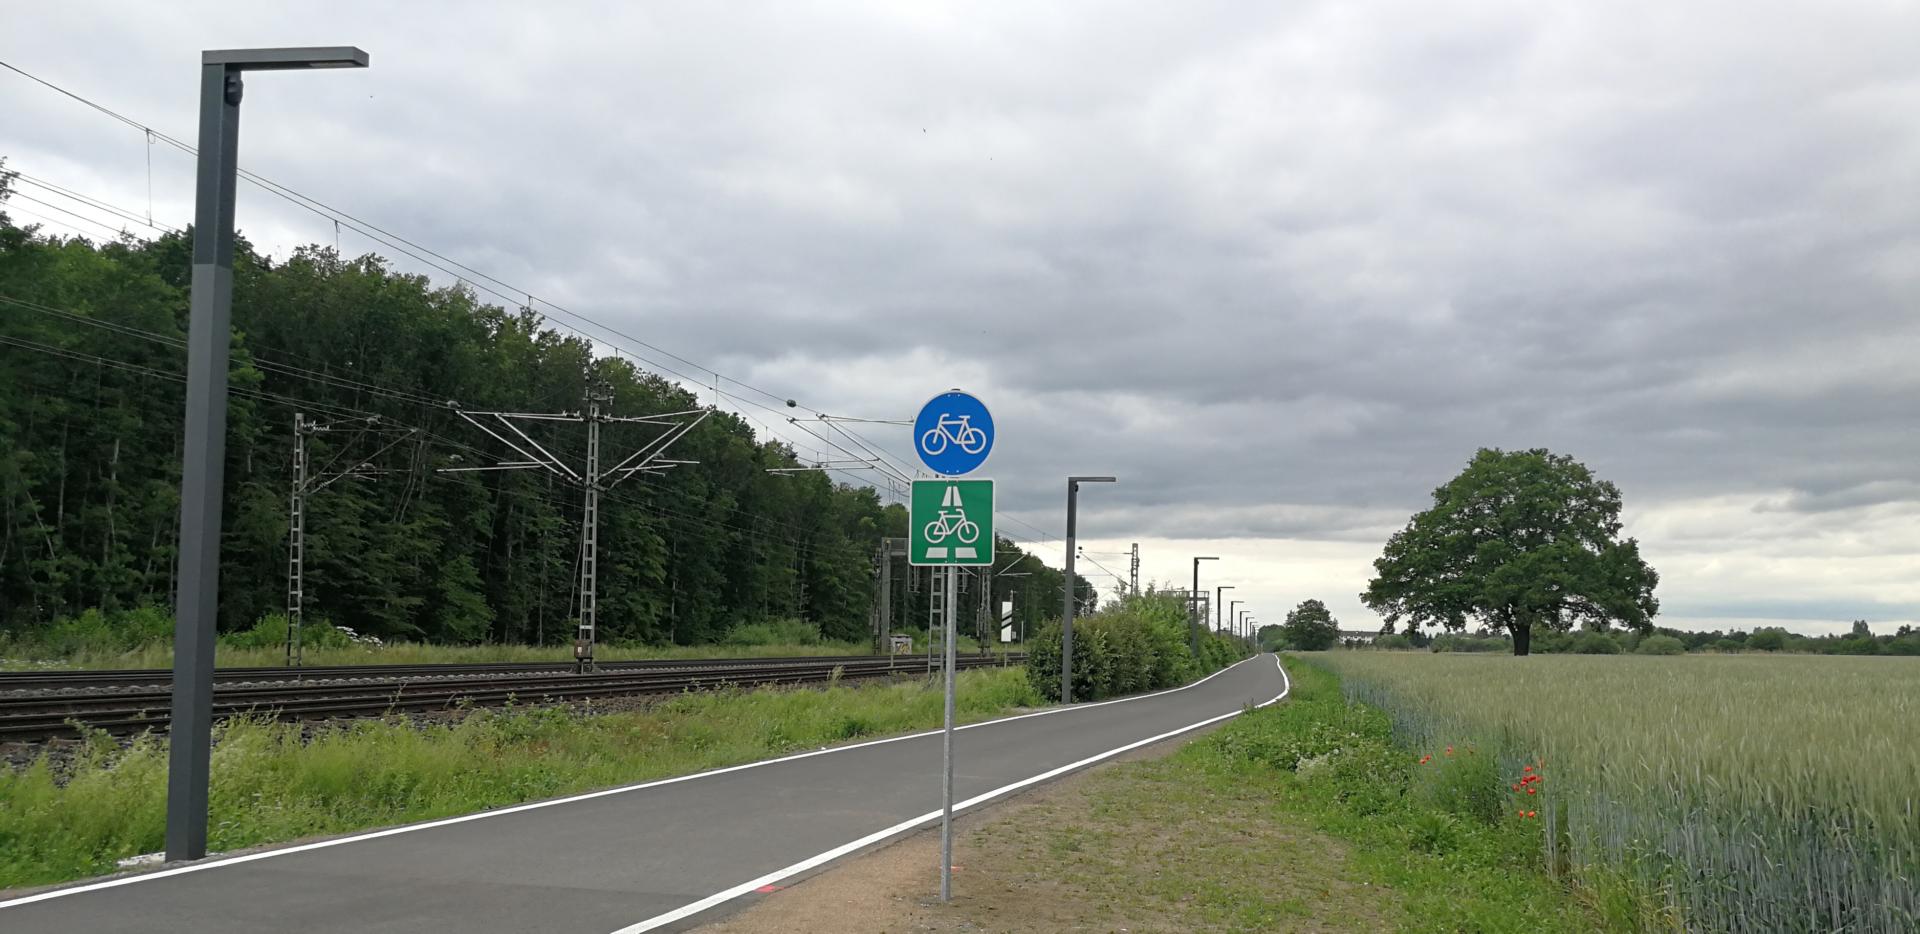 Längster Radschnellweg wurde eröffnet